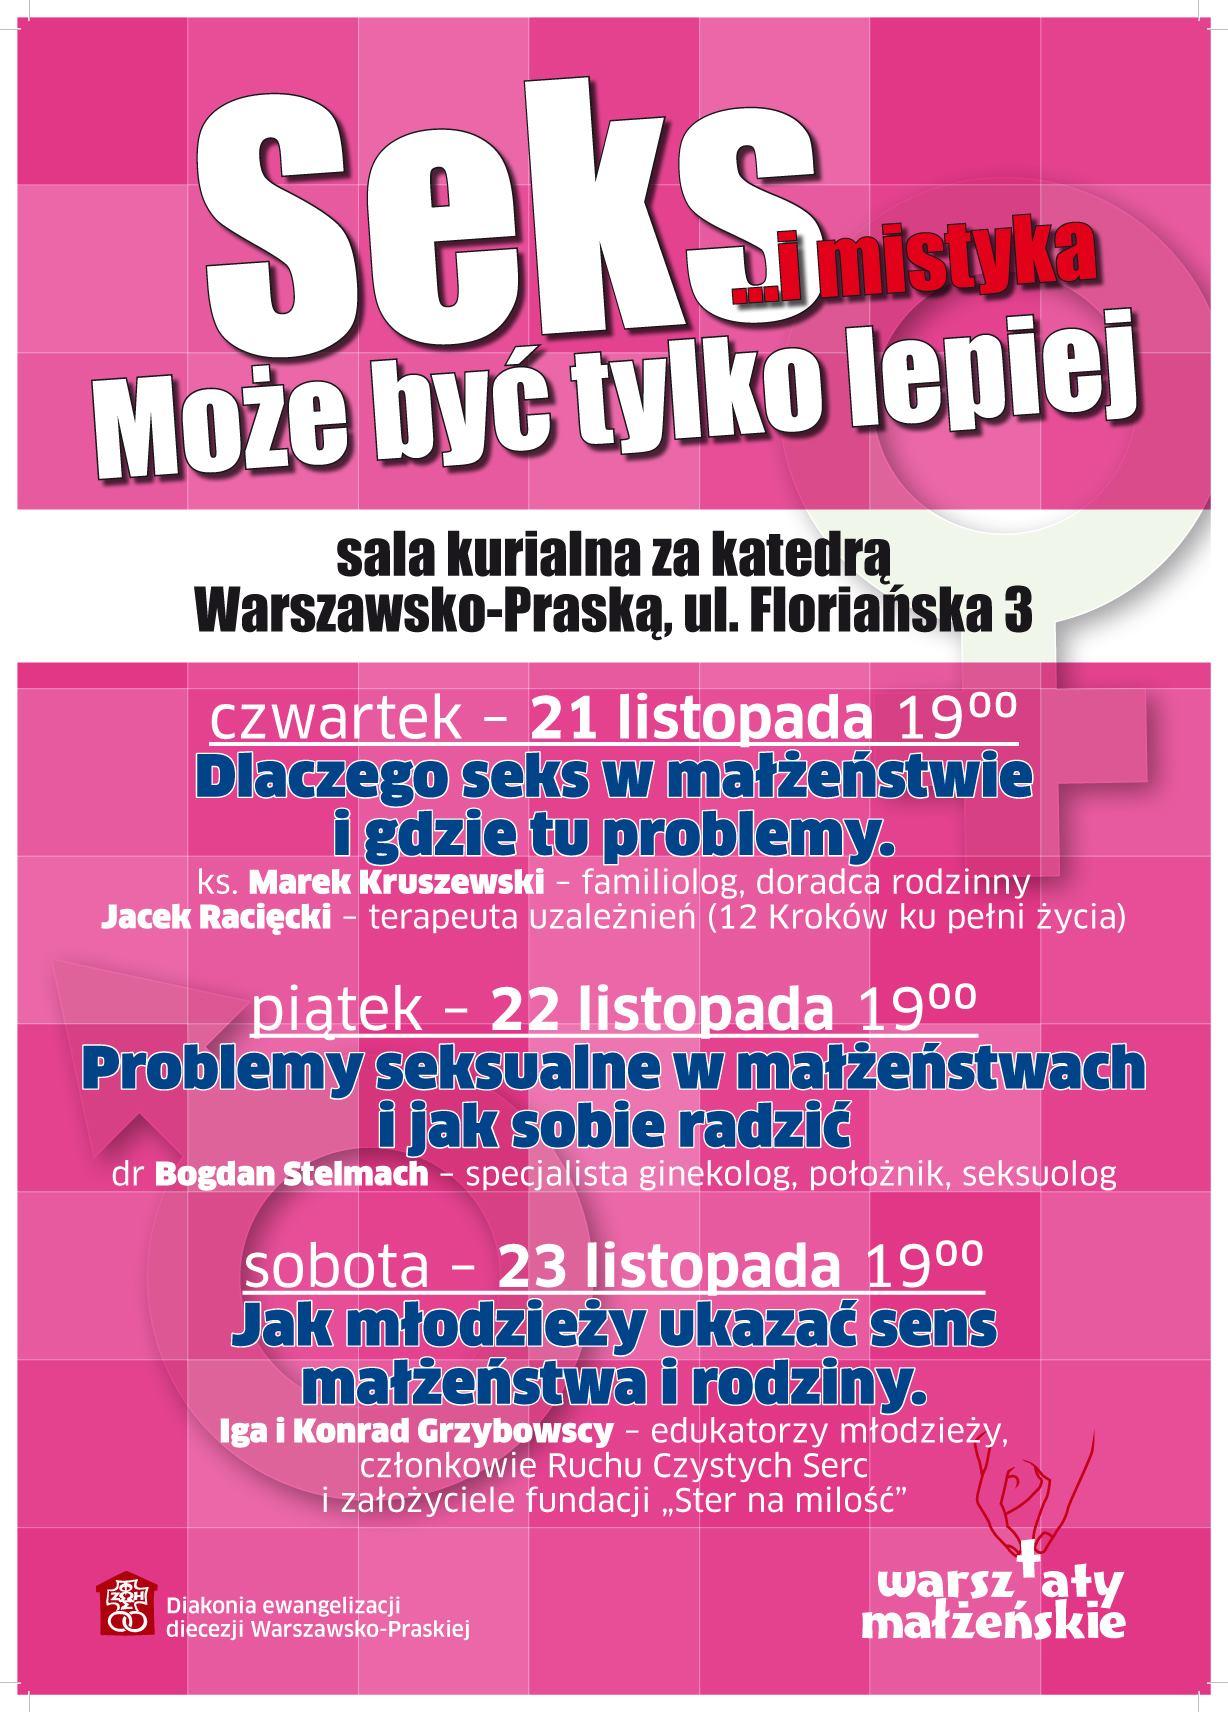 Diecezjalne Warsztaty Małżeńskie- Warszawa